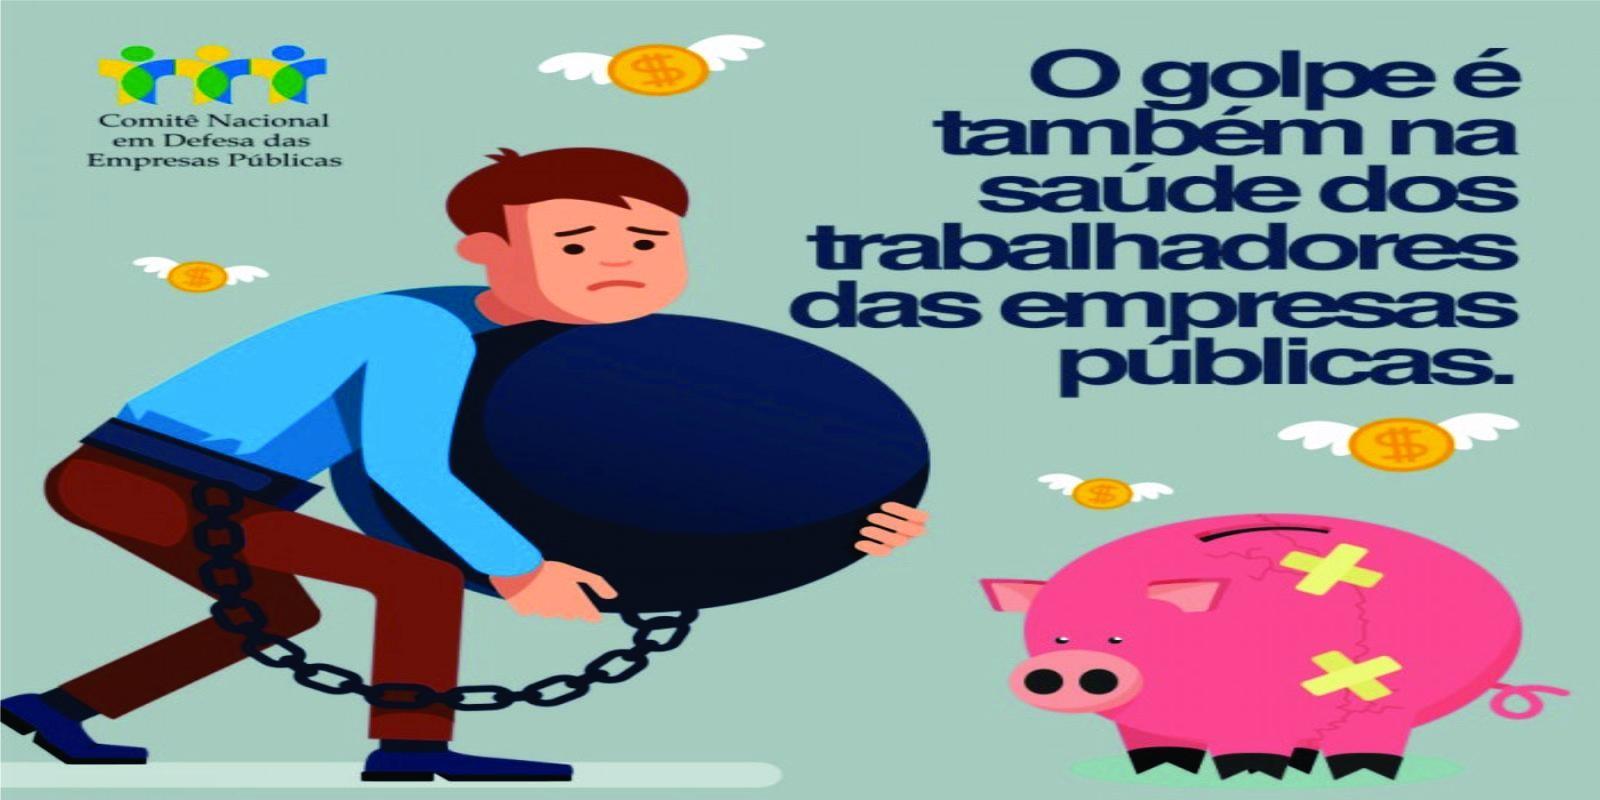 Resoluções da CGPAR precarizam saúde nas empresas públicas